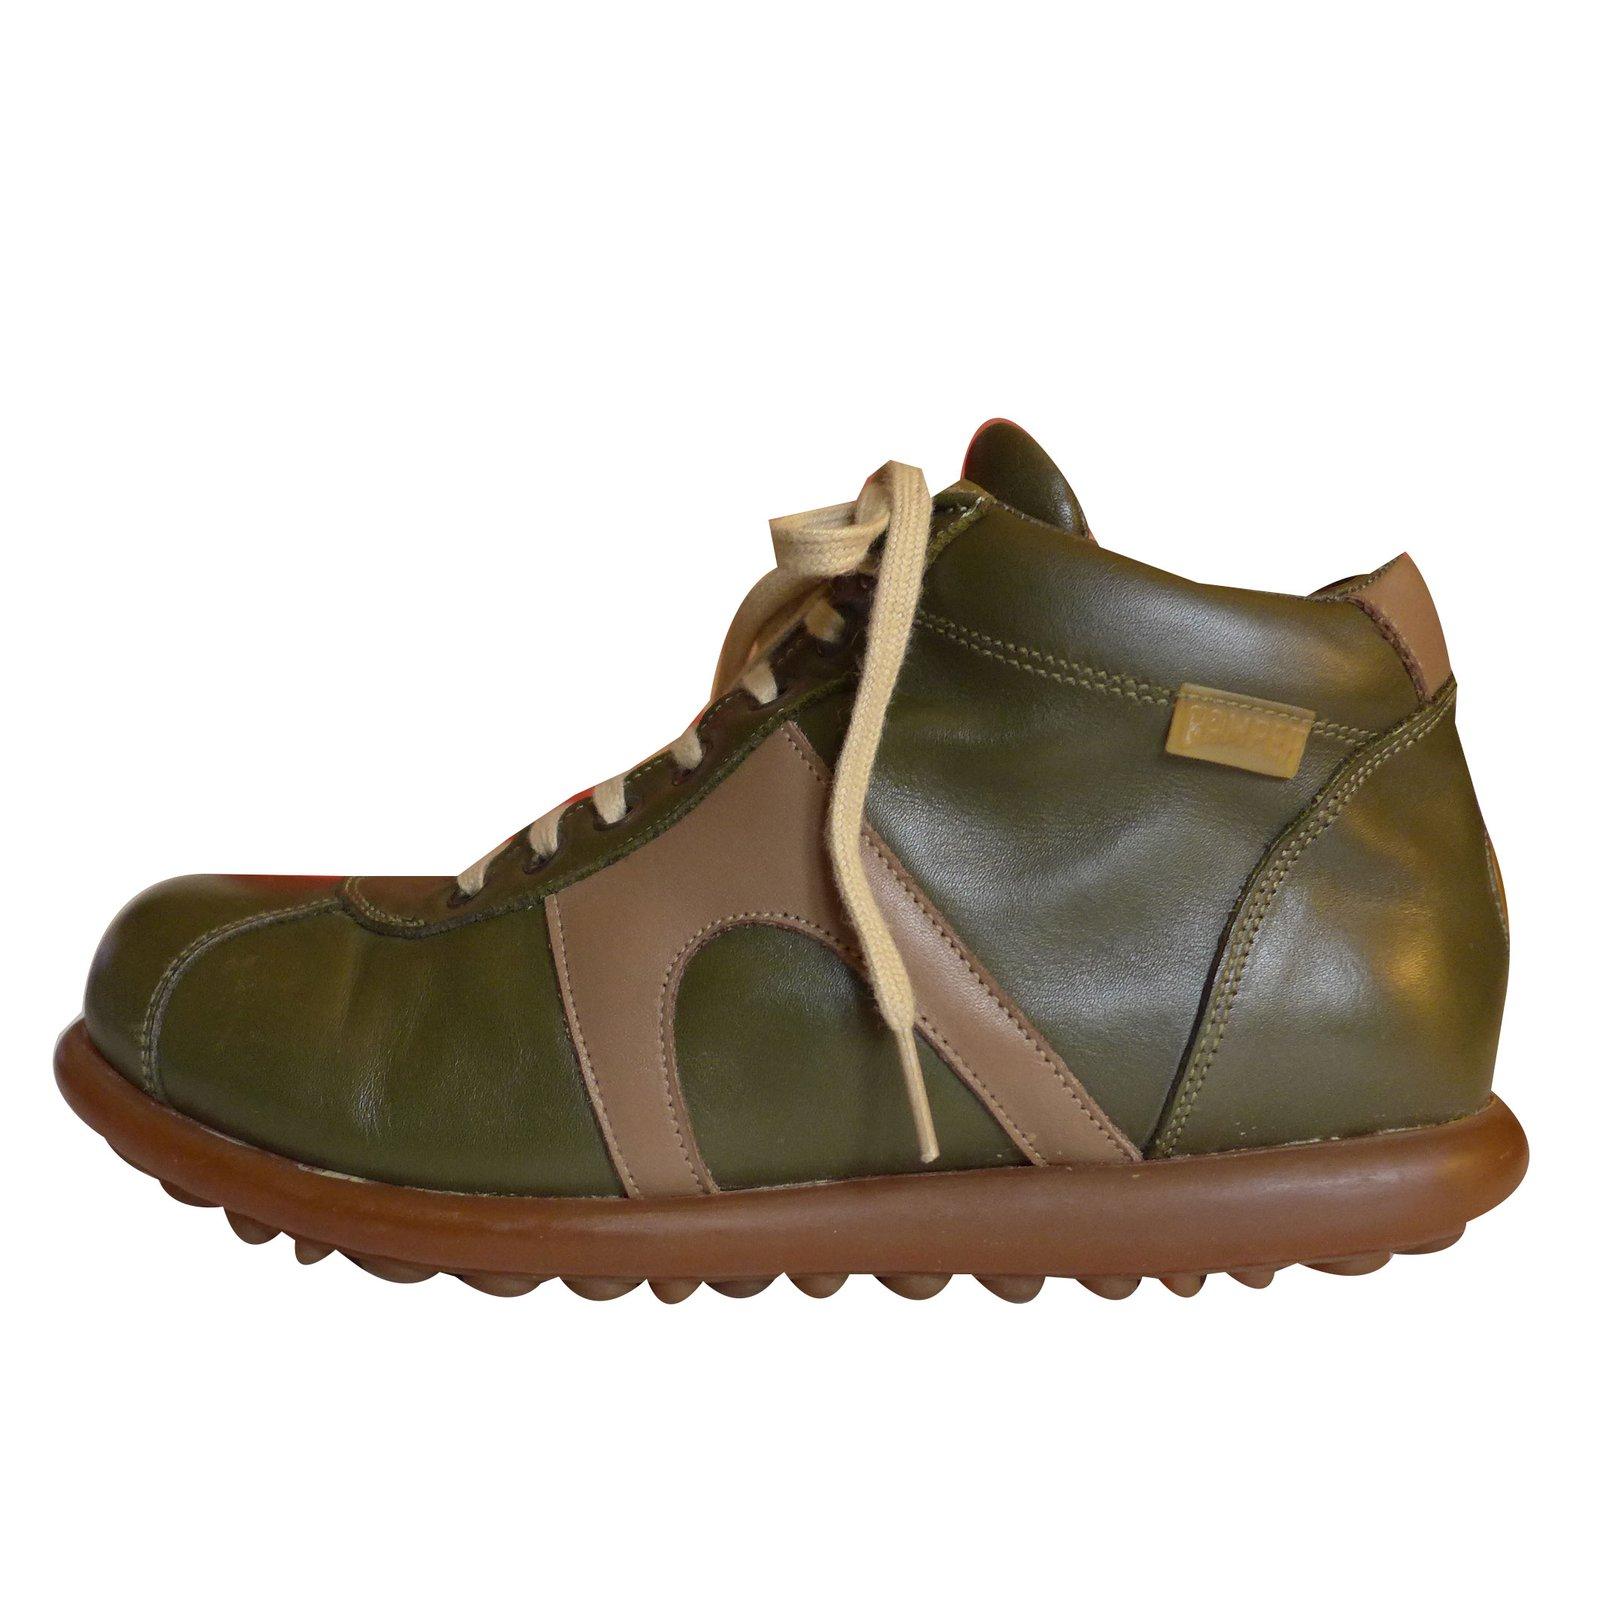 7b3e394308e Baskets Autre Marque Chaussures CAMPER en cuir kaki et beige T 39 Cuir  Beige